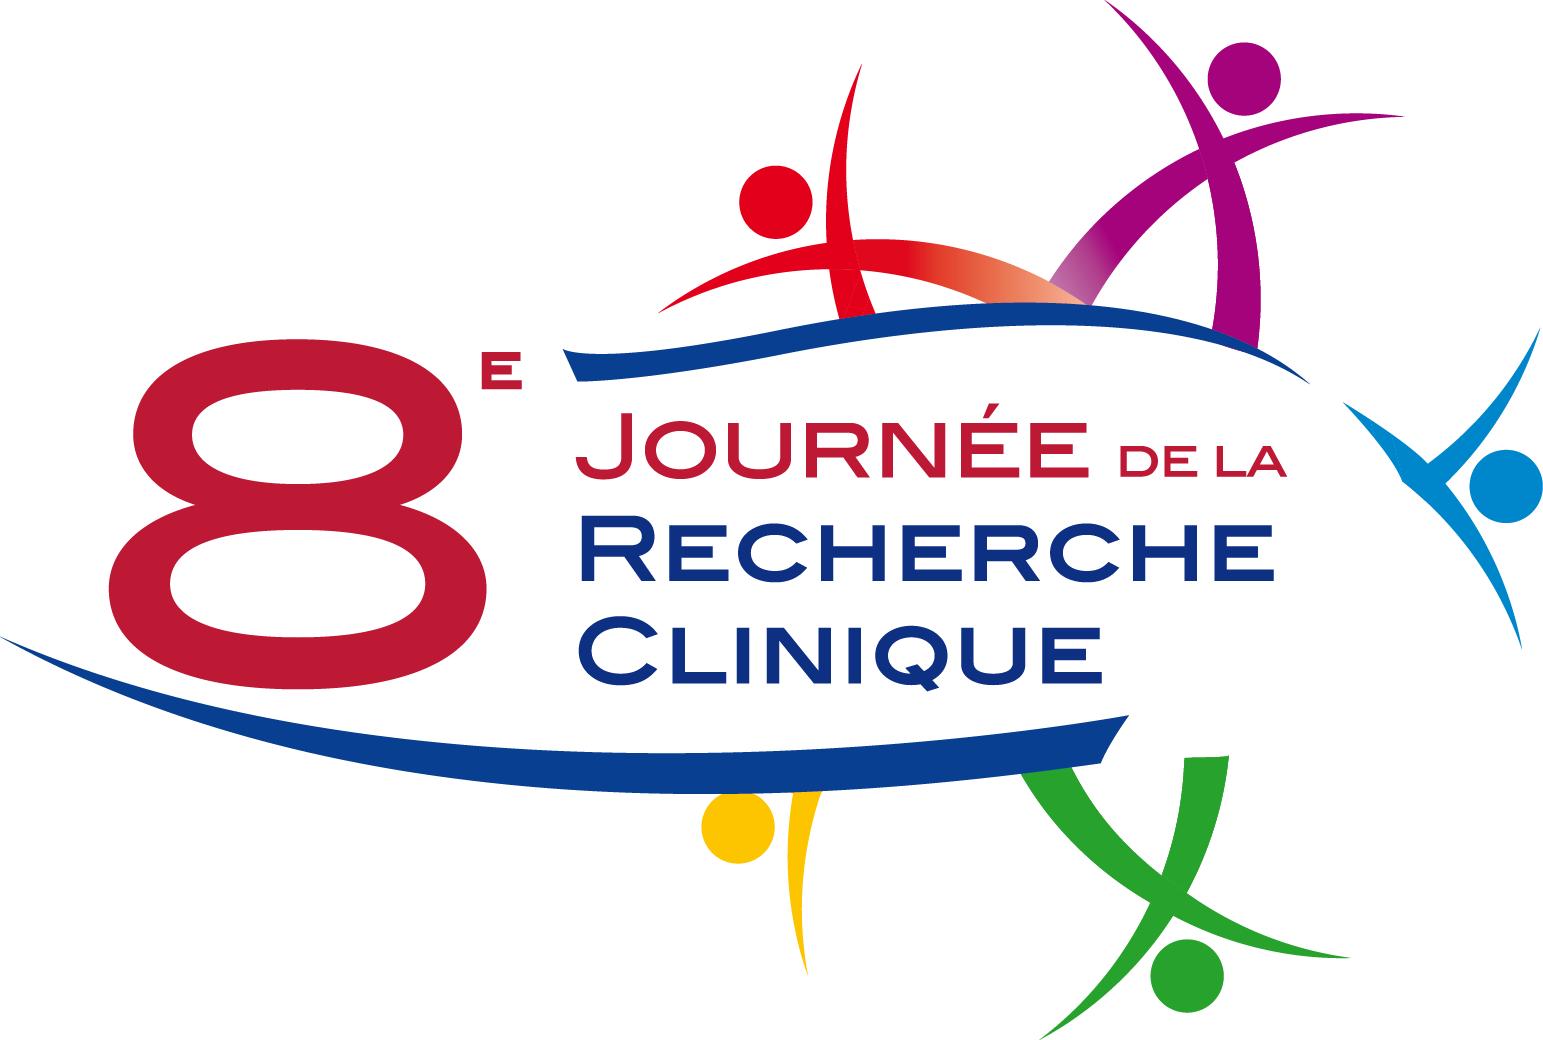 8è Journée de la Recherche Clinique